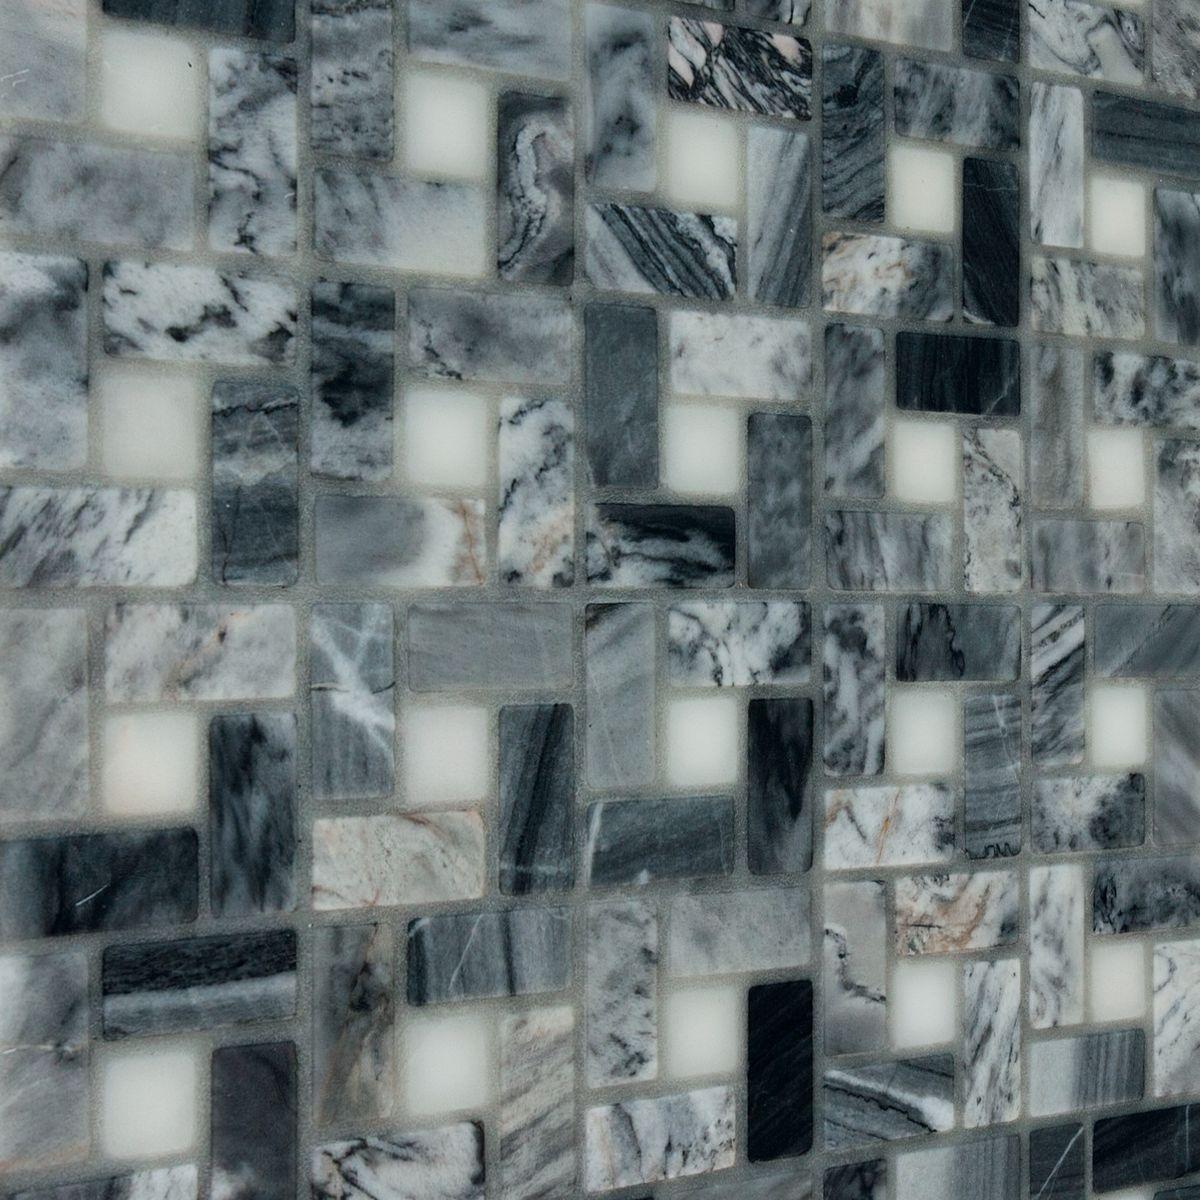 Piastrelle mosaico: prezzi e offerte per mosaico bagno e cucina 2